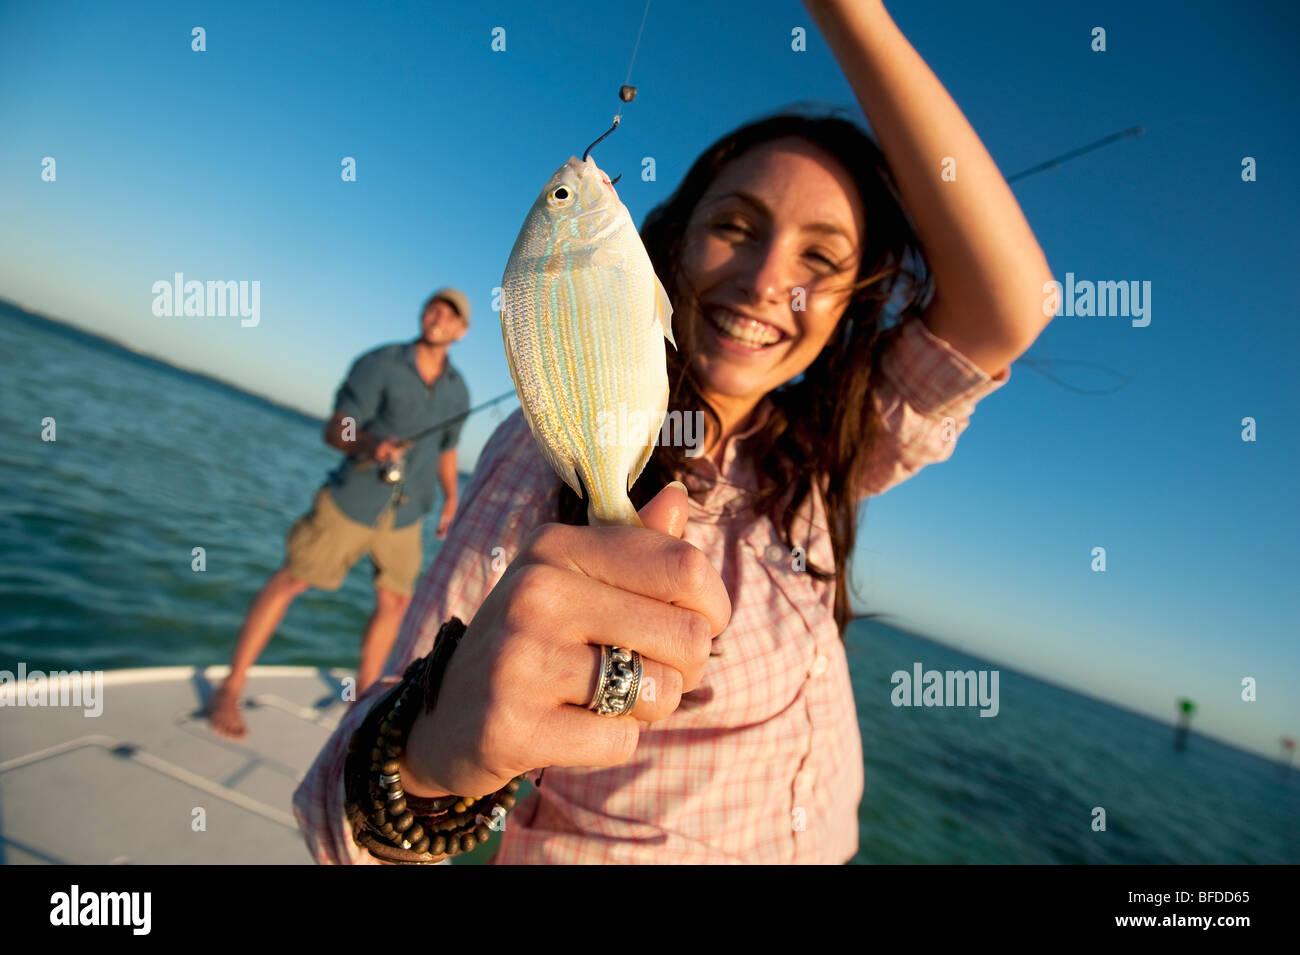 Eine Frau lächelt und hält ein kleiner Fisch in Florida. Stockfoto